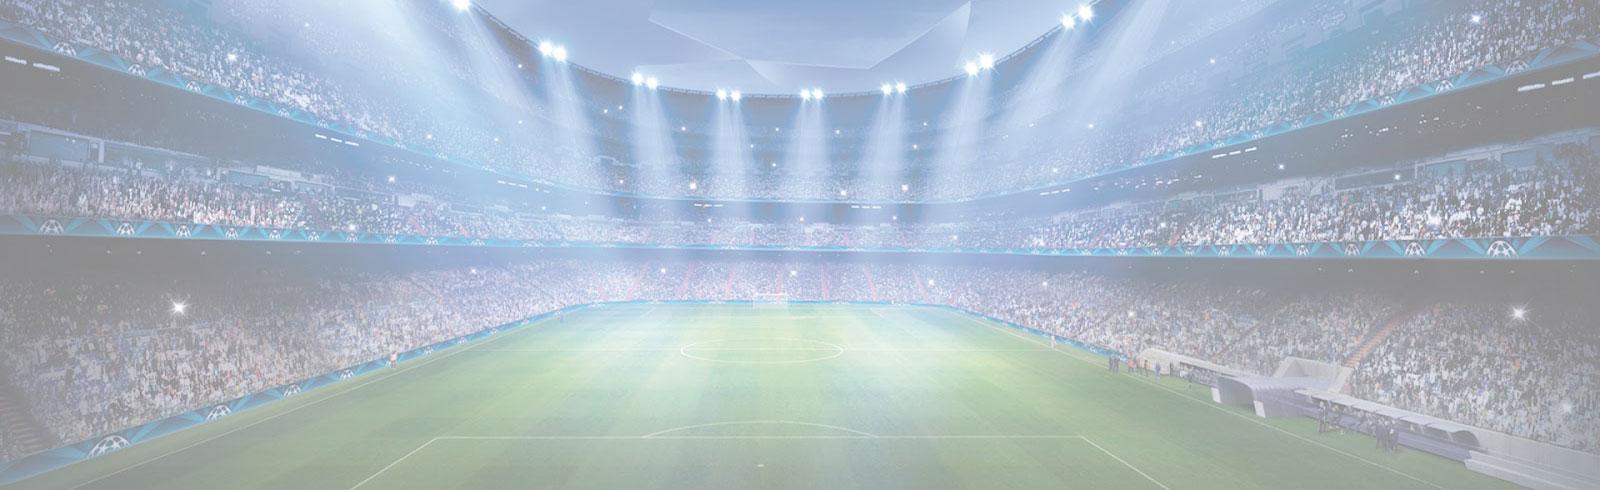 estadio de futebol europa